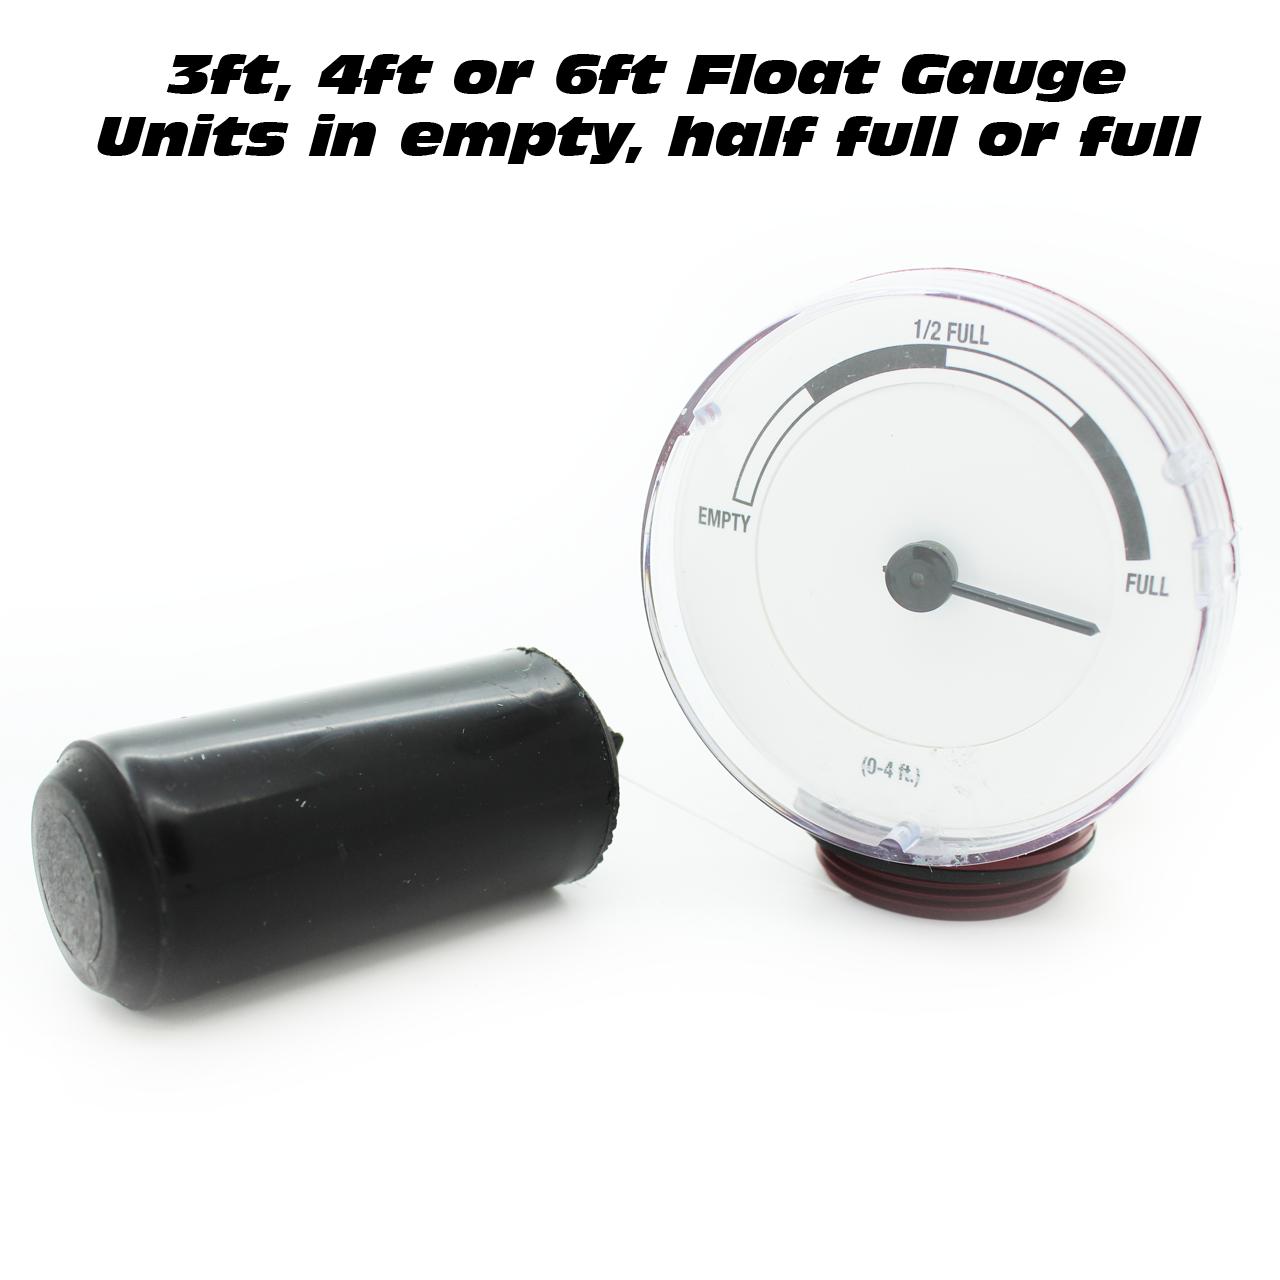 Float Gauge - Oil Tank Contents Gauge -